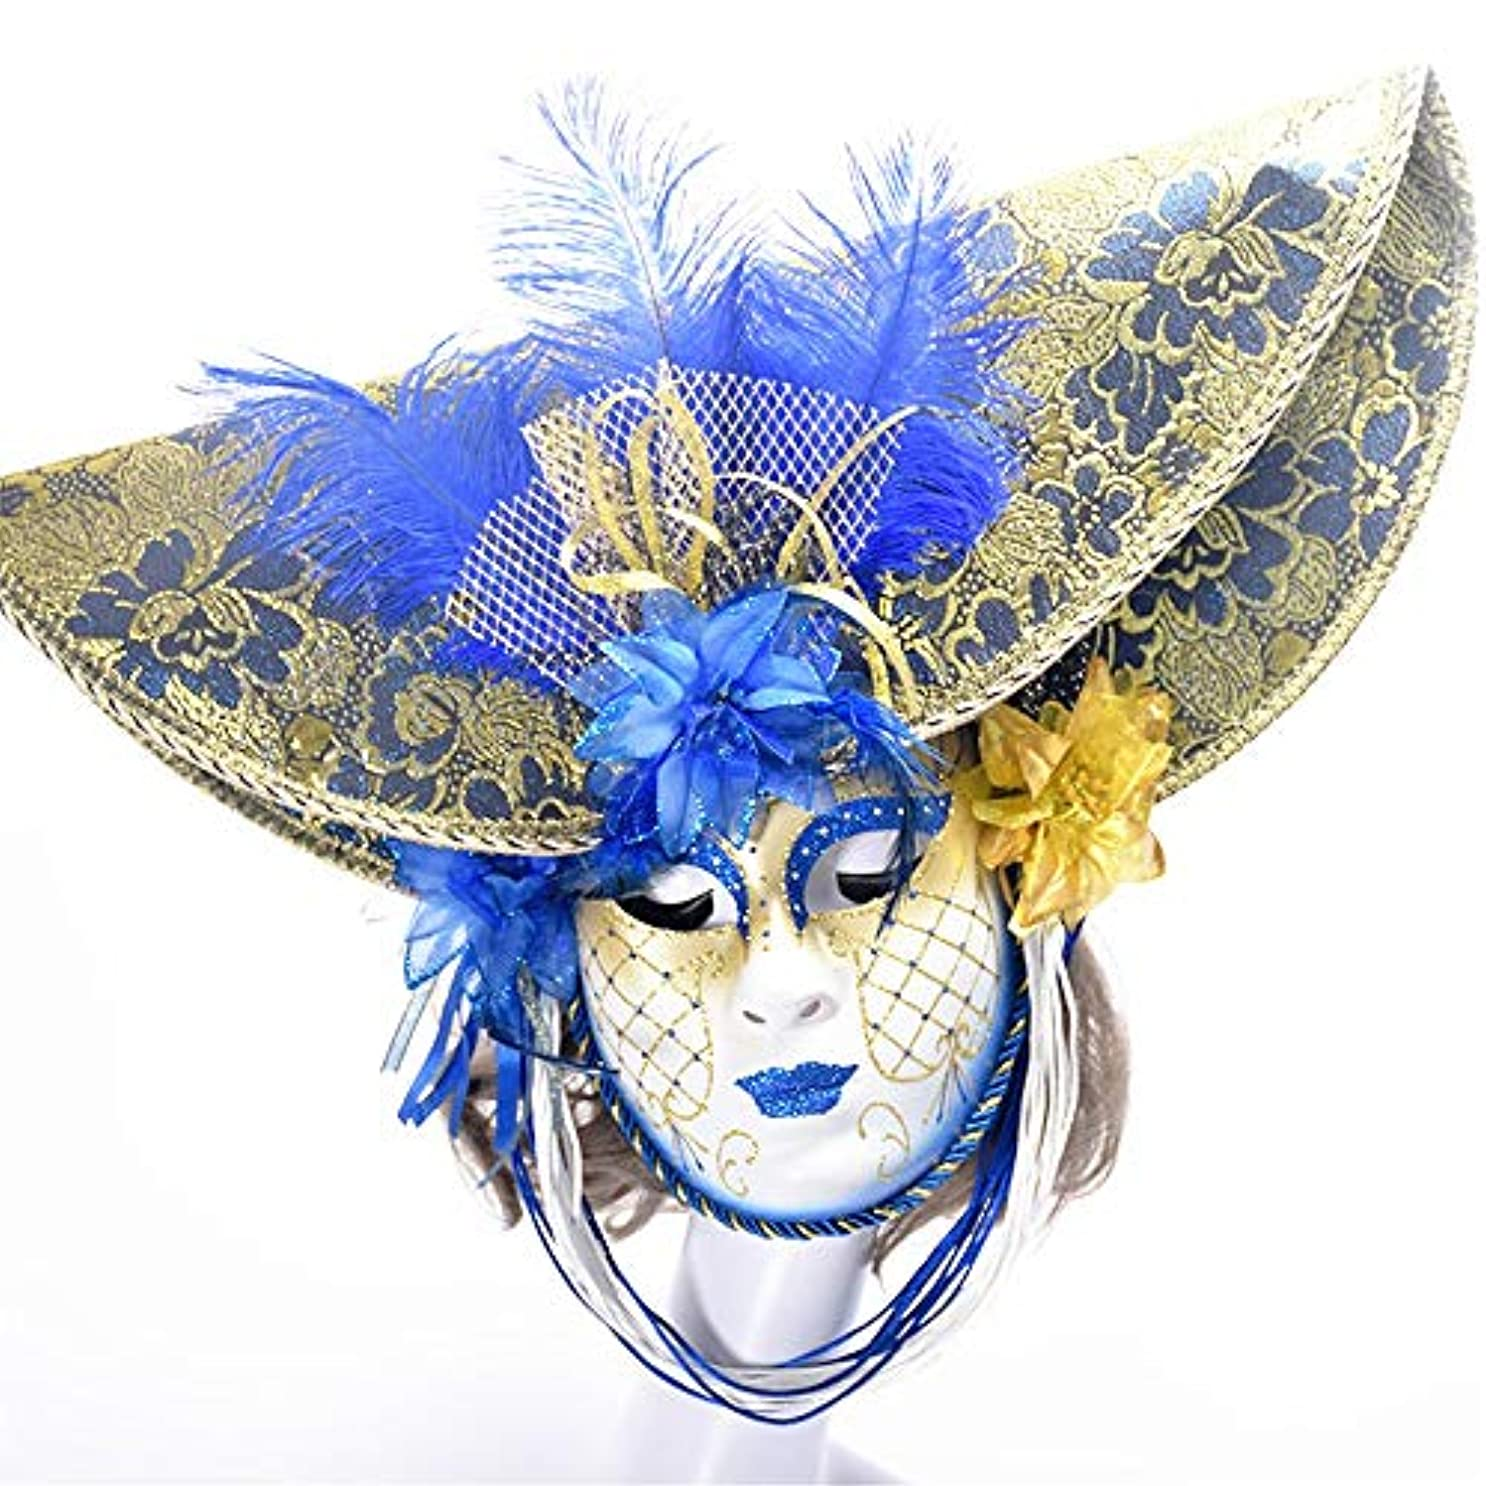 各く逃すダンスマスク 手描きフルフェイスマスク大人仮装パーティーブルーフェイスナイトクラブパーティーフェスティバルロールプレイングプラスチックマスク パーティーボールマスク (色 : 青, サイズ : 55x35cm)